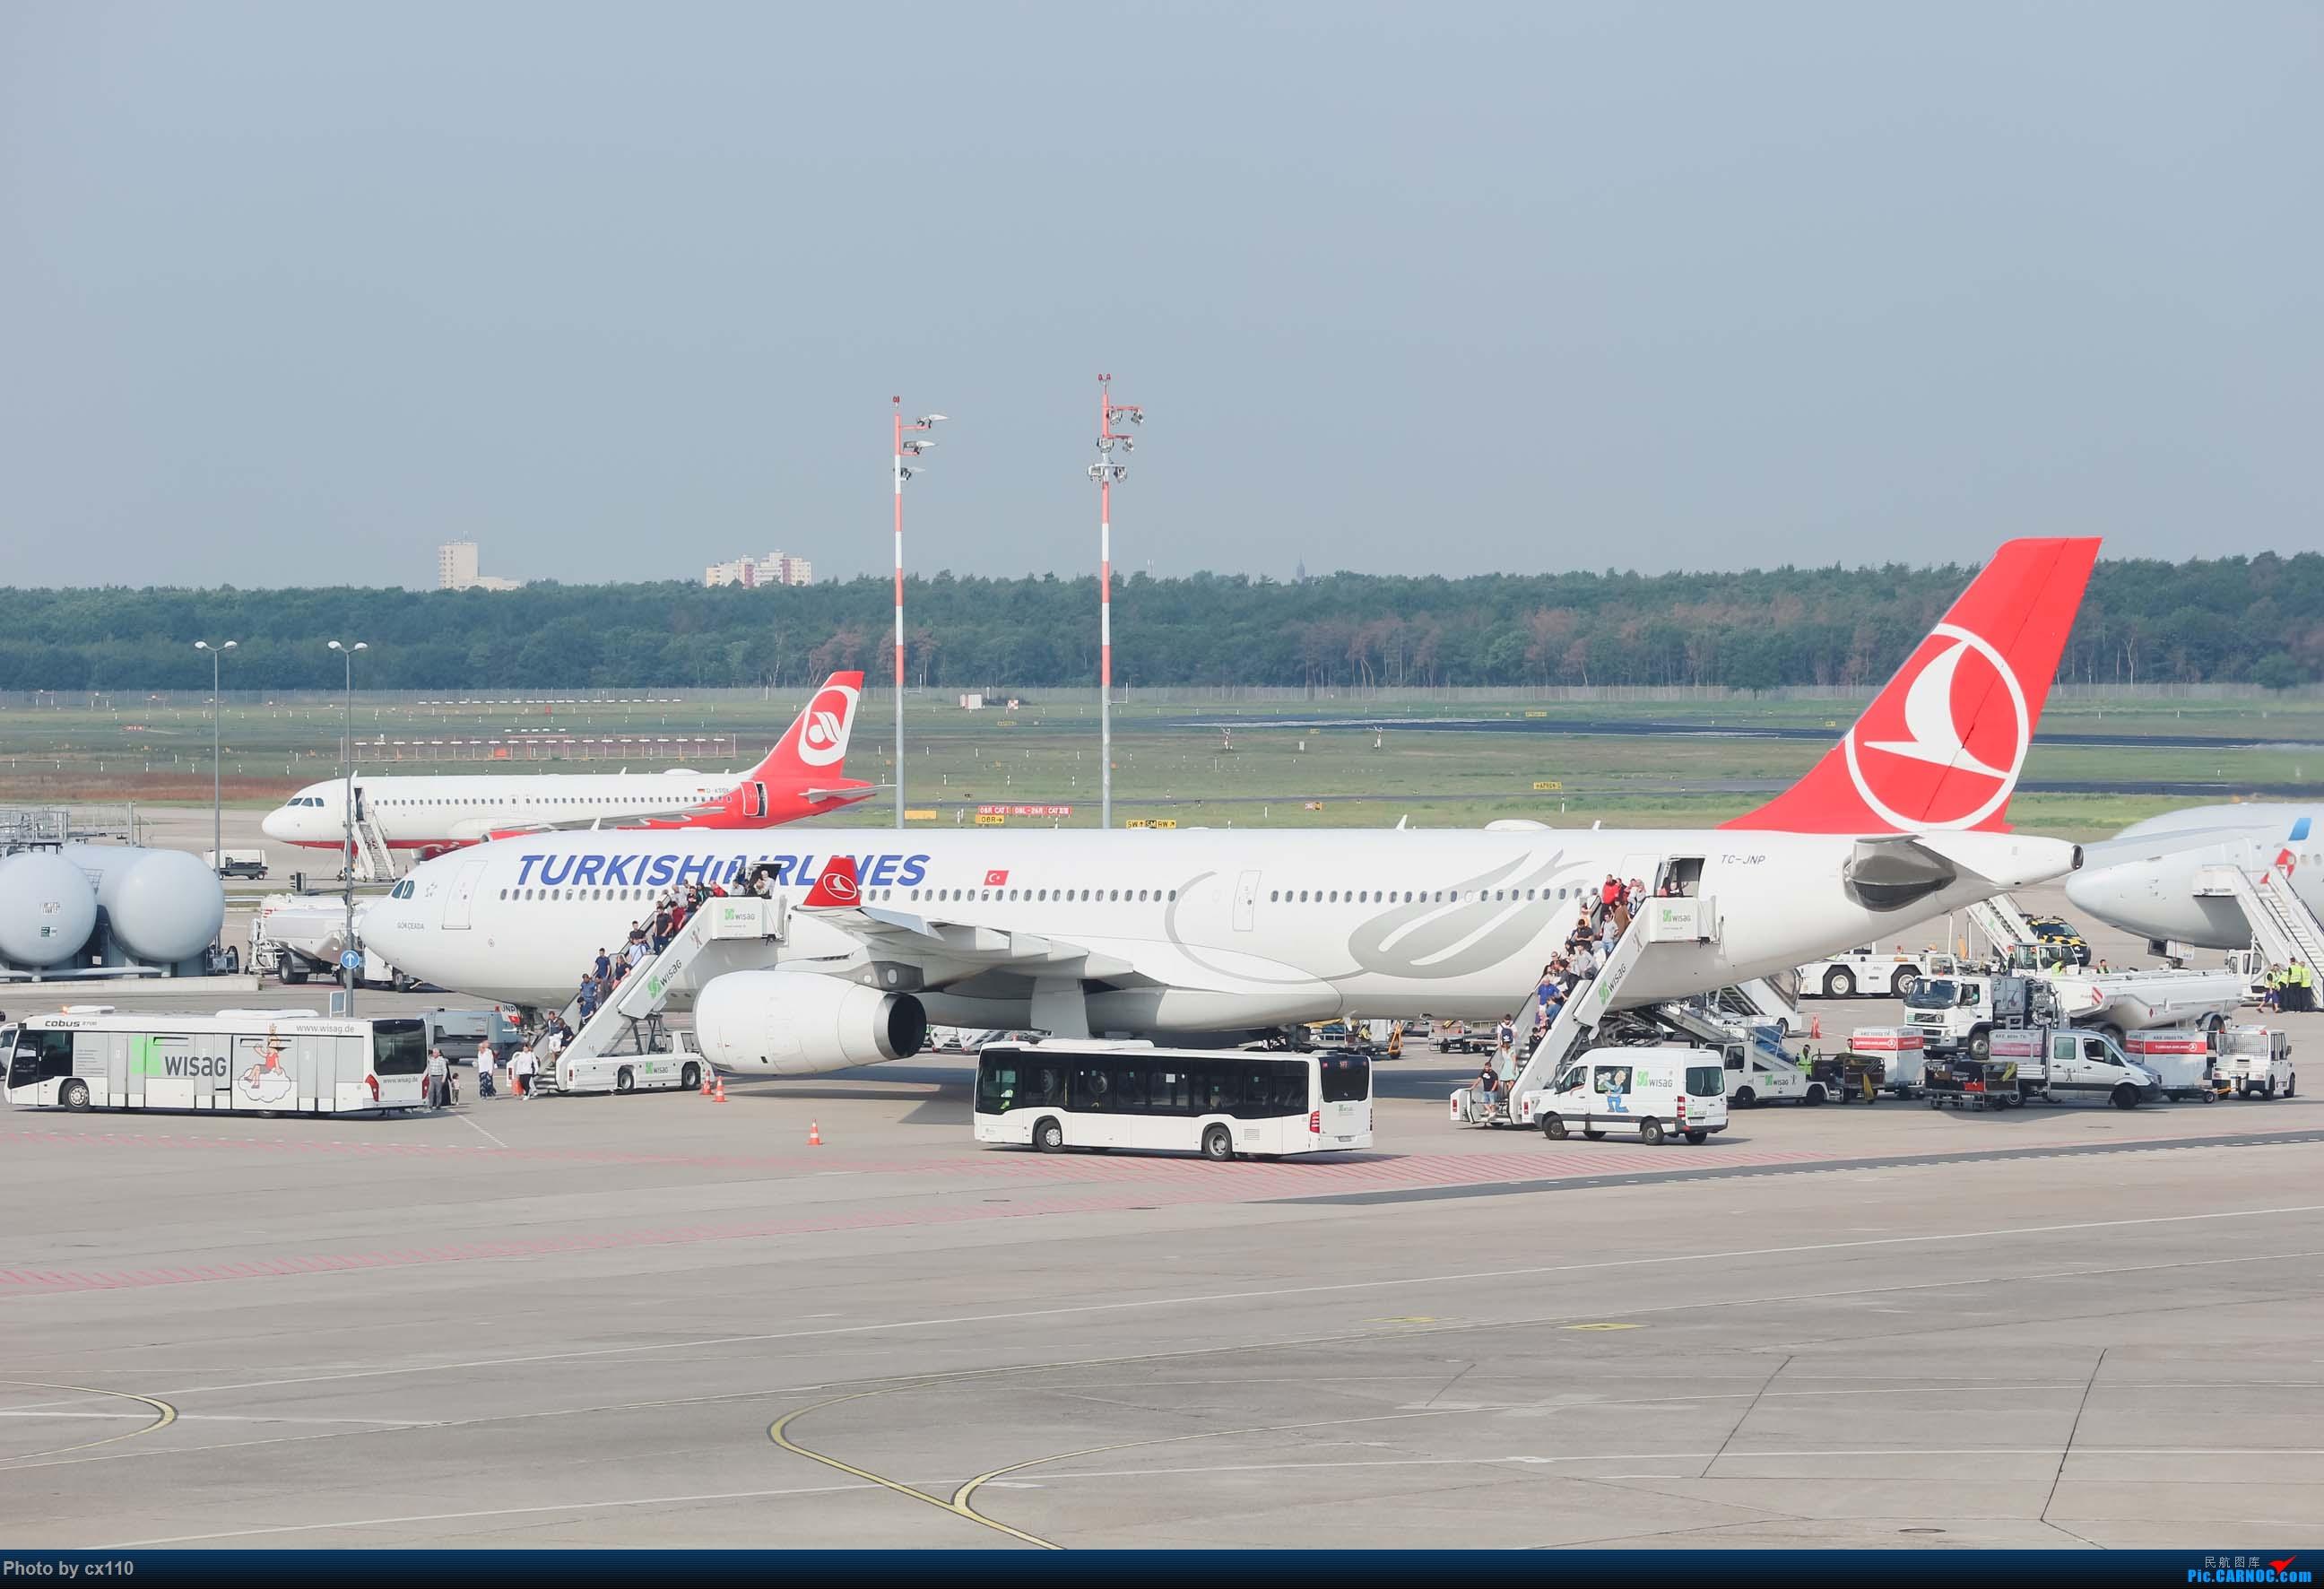 Re:[原创]欧洲机场拍机记-柏林/赫尔辛基/布拉格 AIRBUS A330-300 TC-JNP 德国柏林泰格尔机场